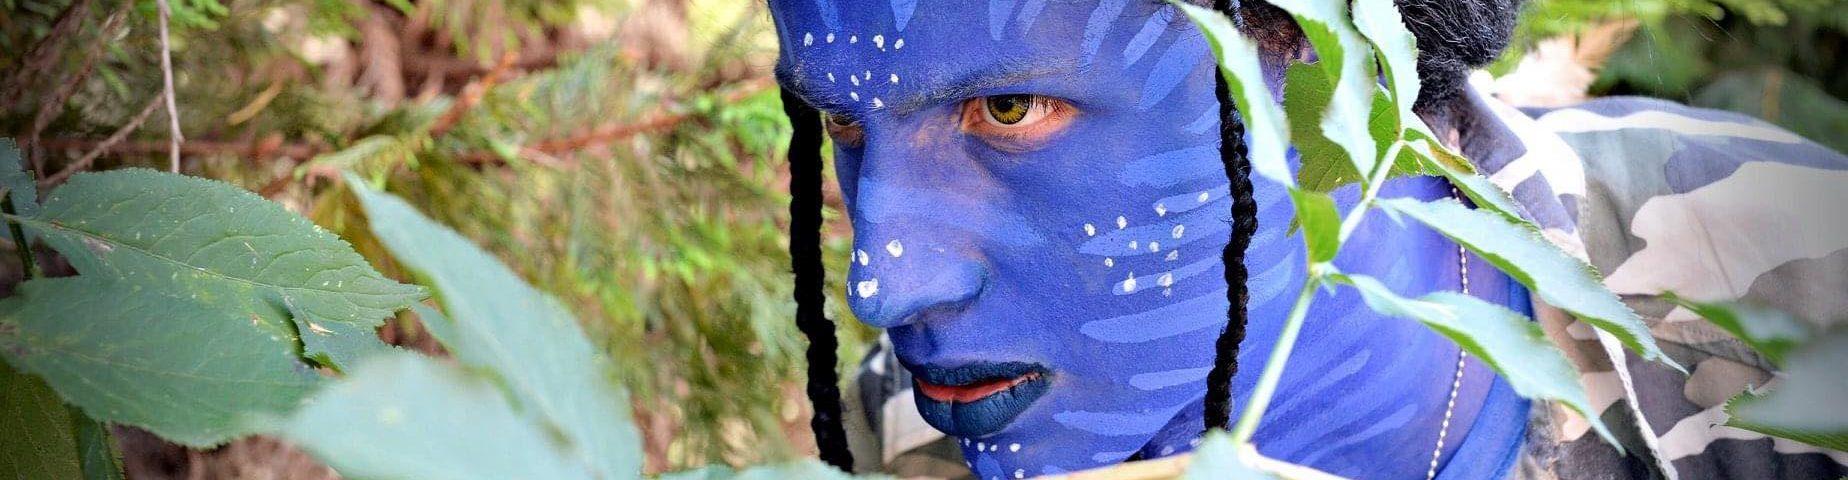 Stefano-Zorzi-Jake-Sully-Avatar-3